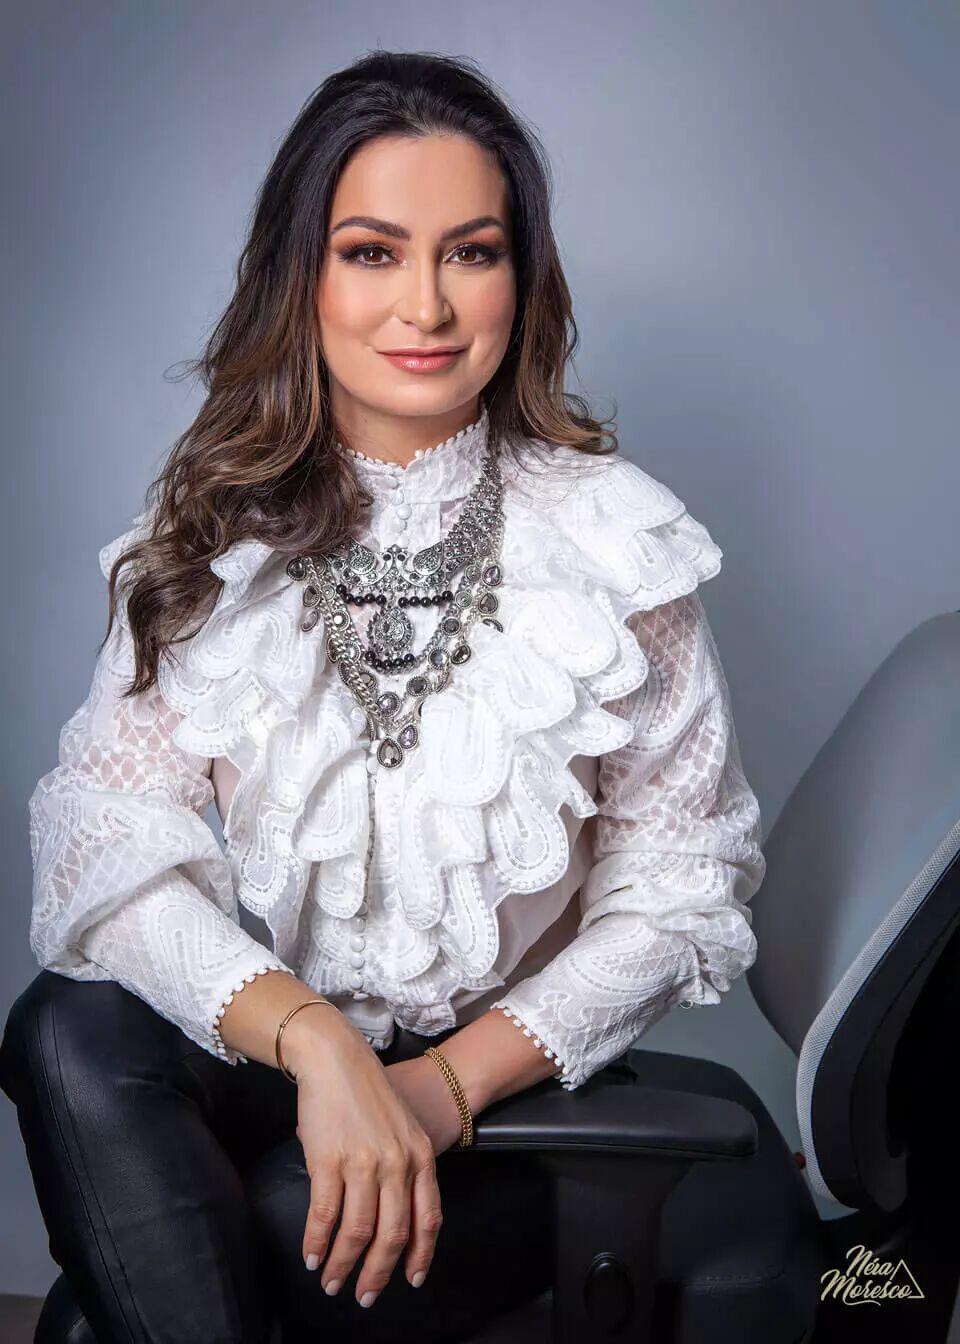 Entrevista Aline